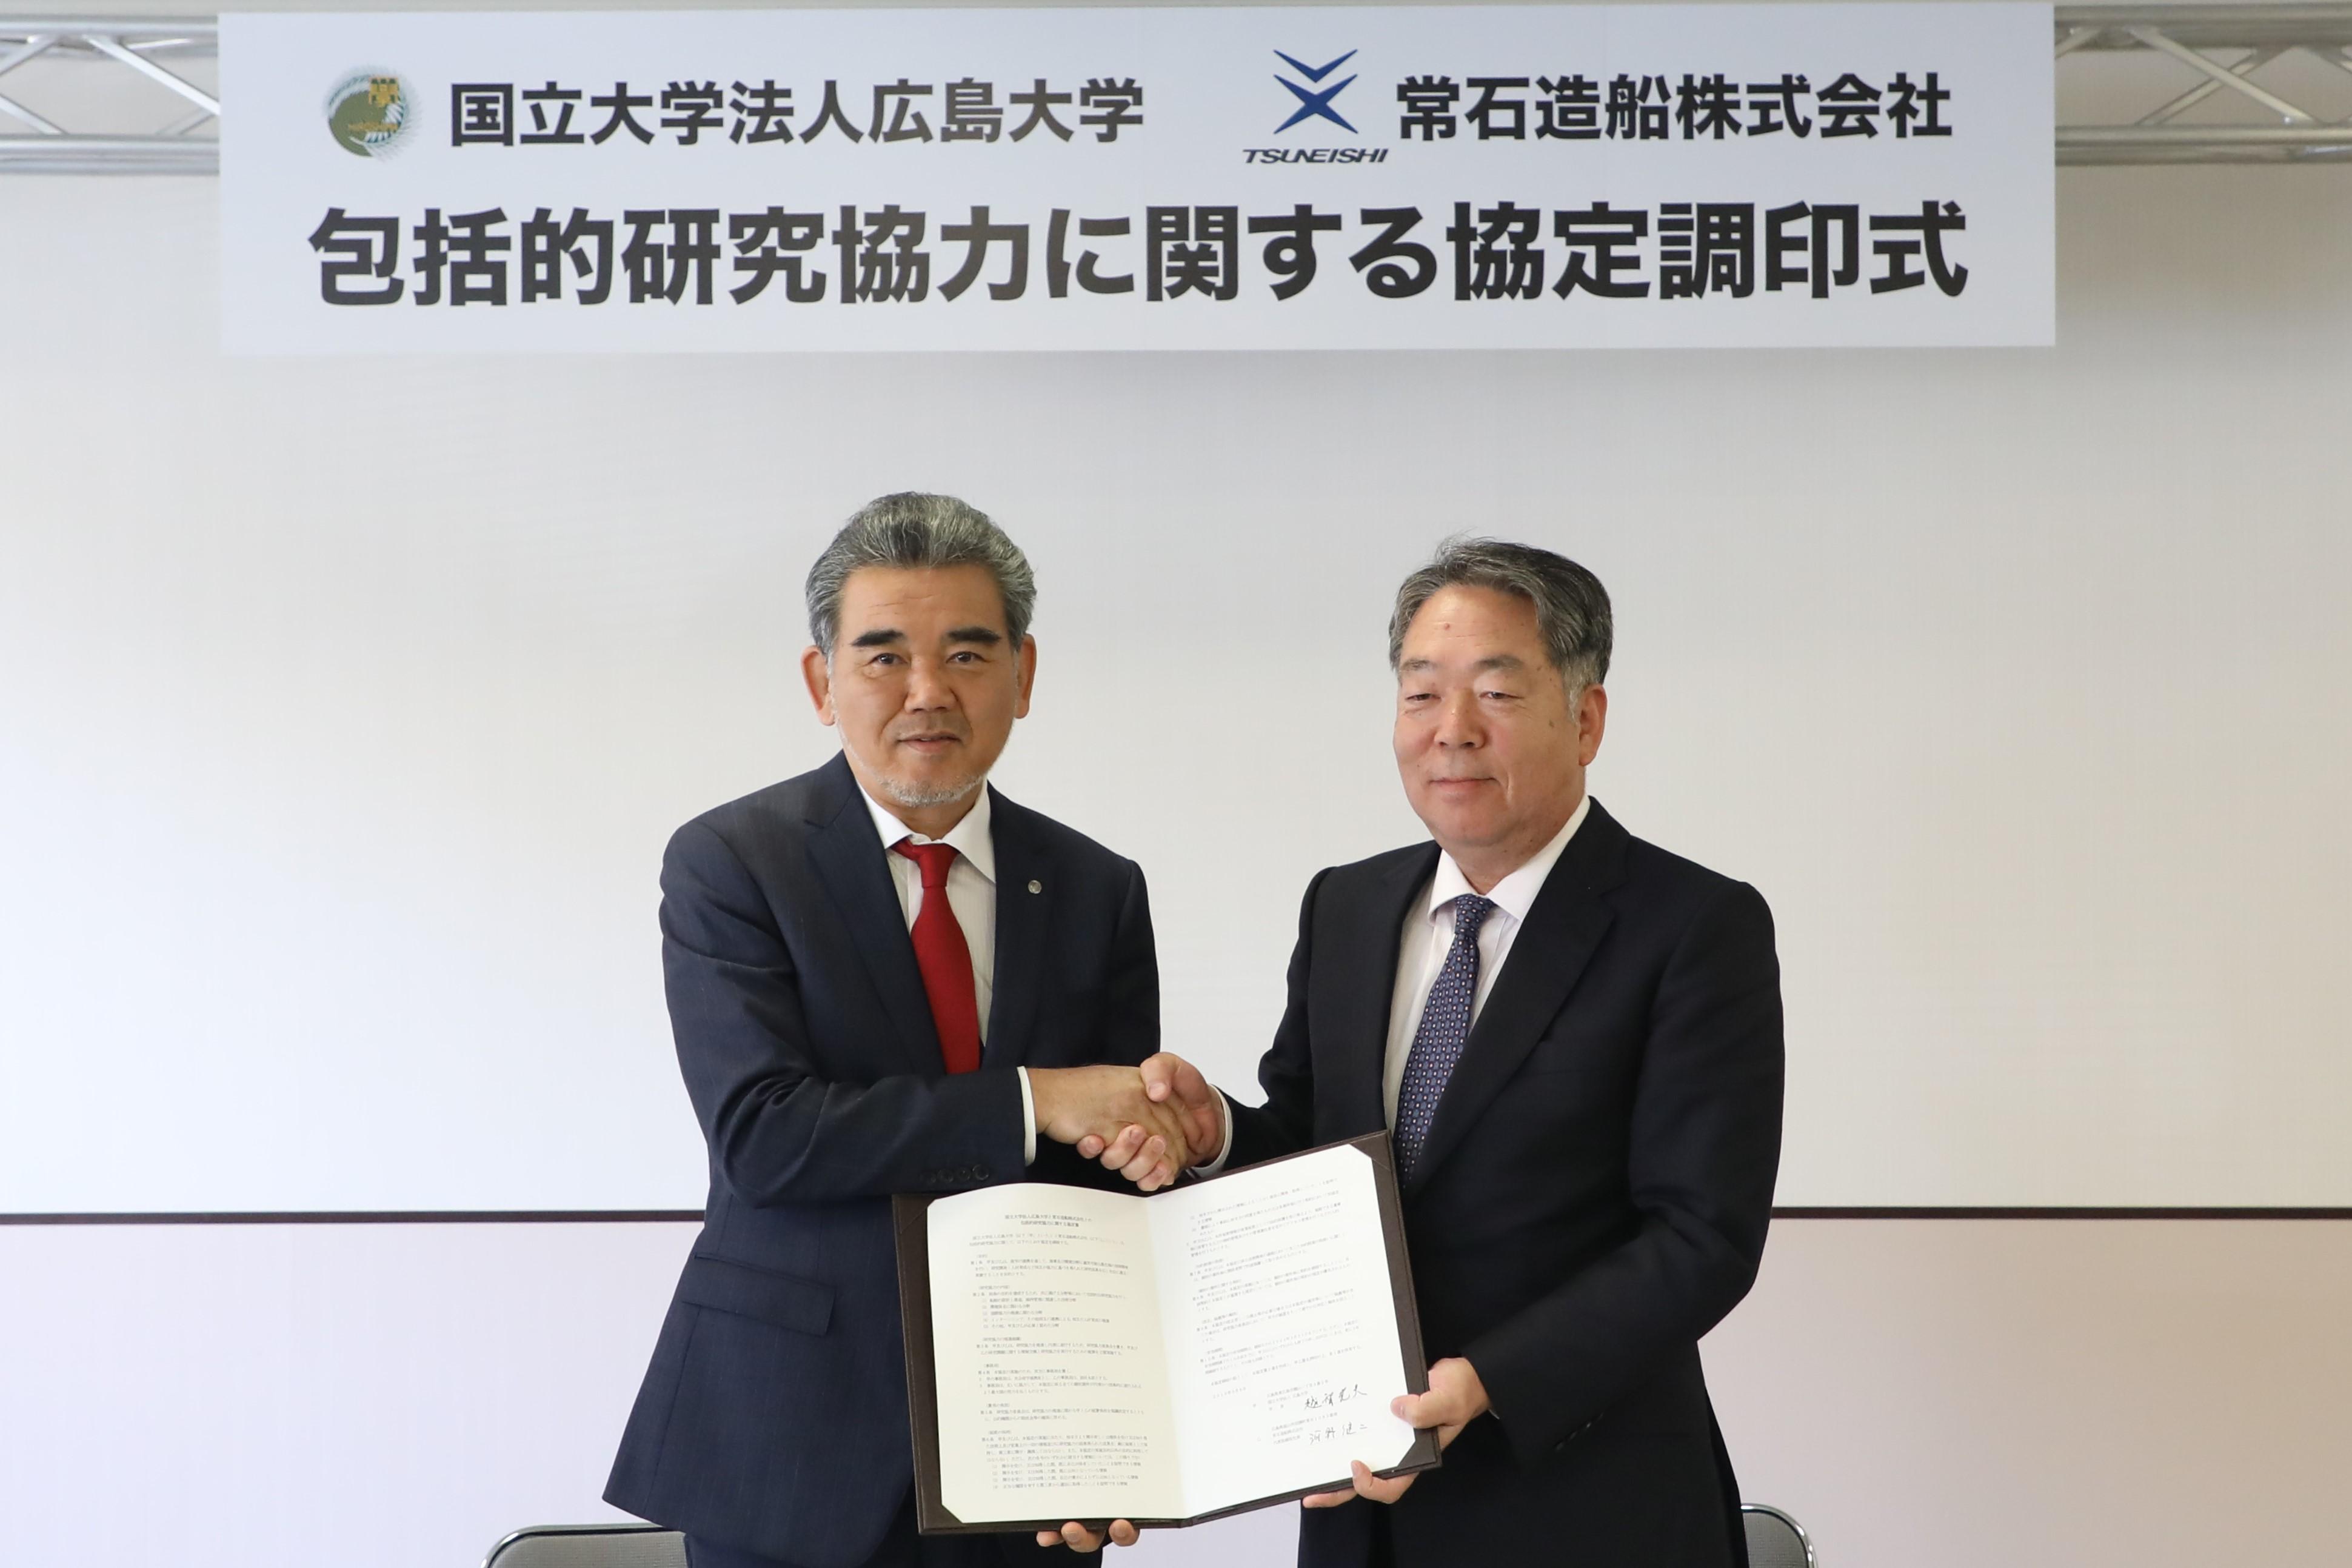 常石造船 河野健二社長(右)と広島大学 越智光夫学長(左)とによる調印式の様子